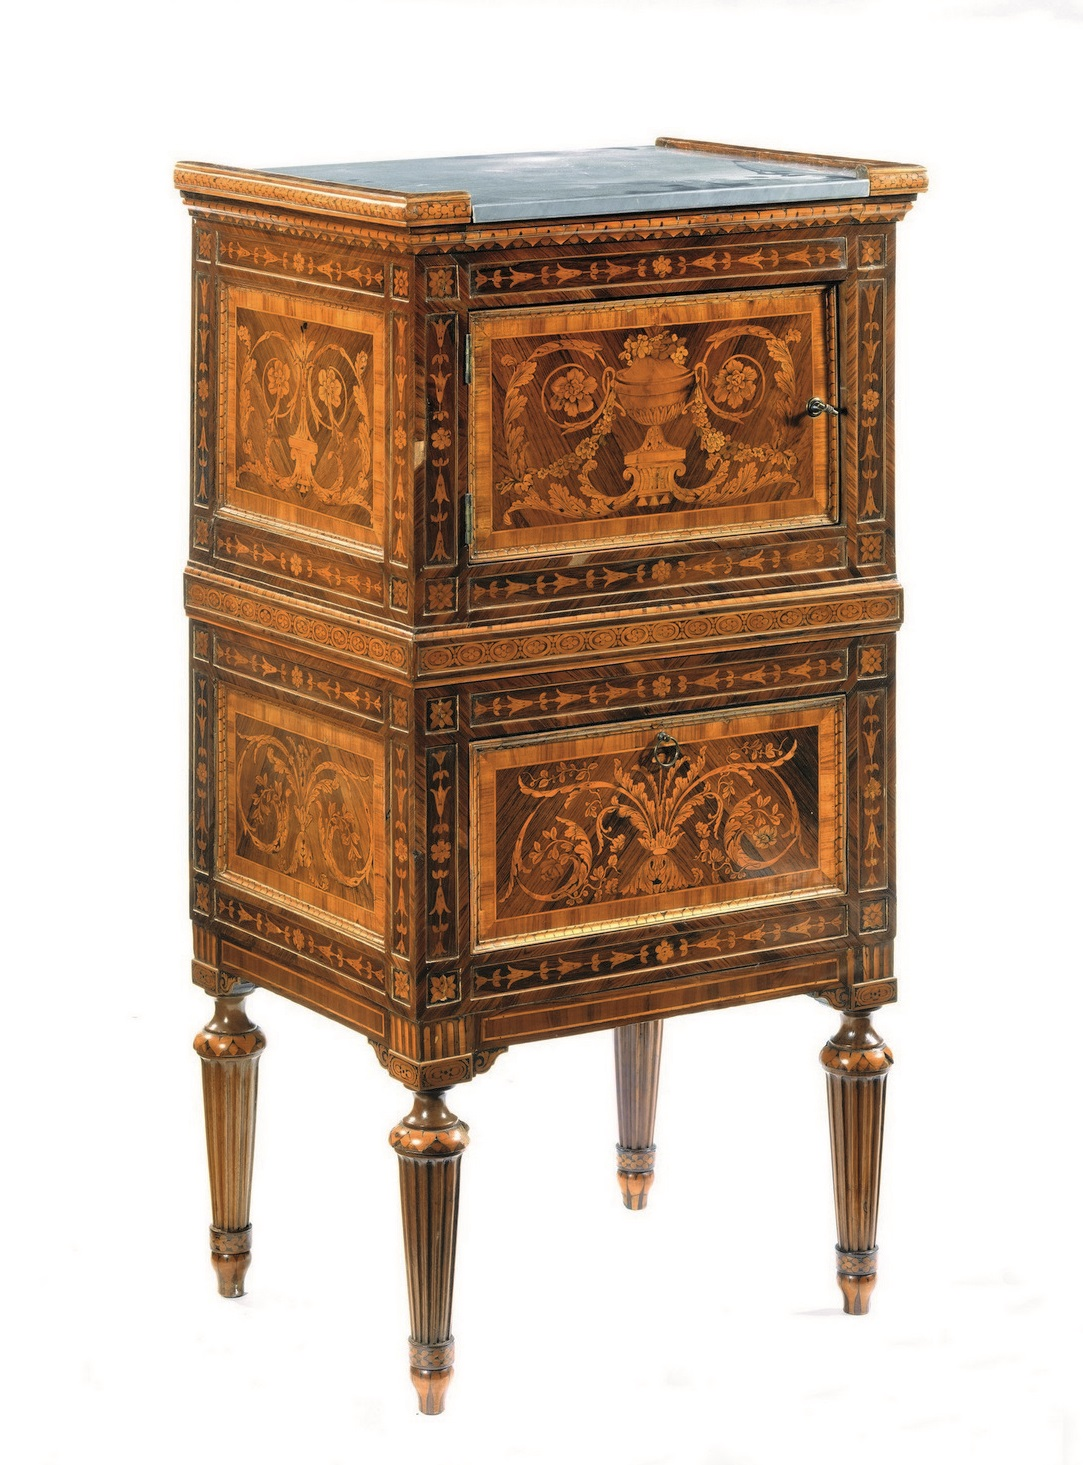 Importanti mobili arredi e oggetti d 39 arte porcellane e for Arredi e mobili